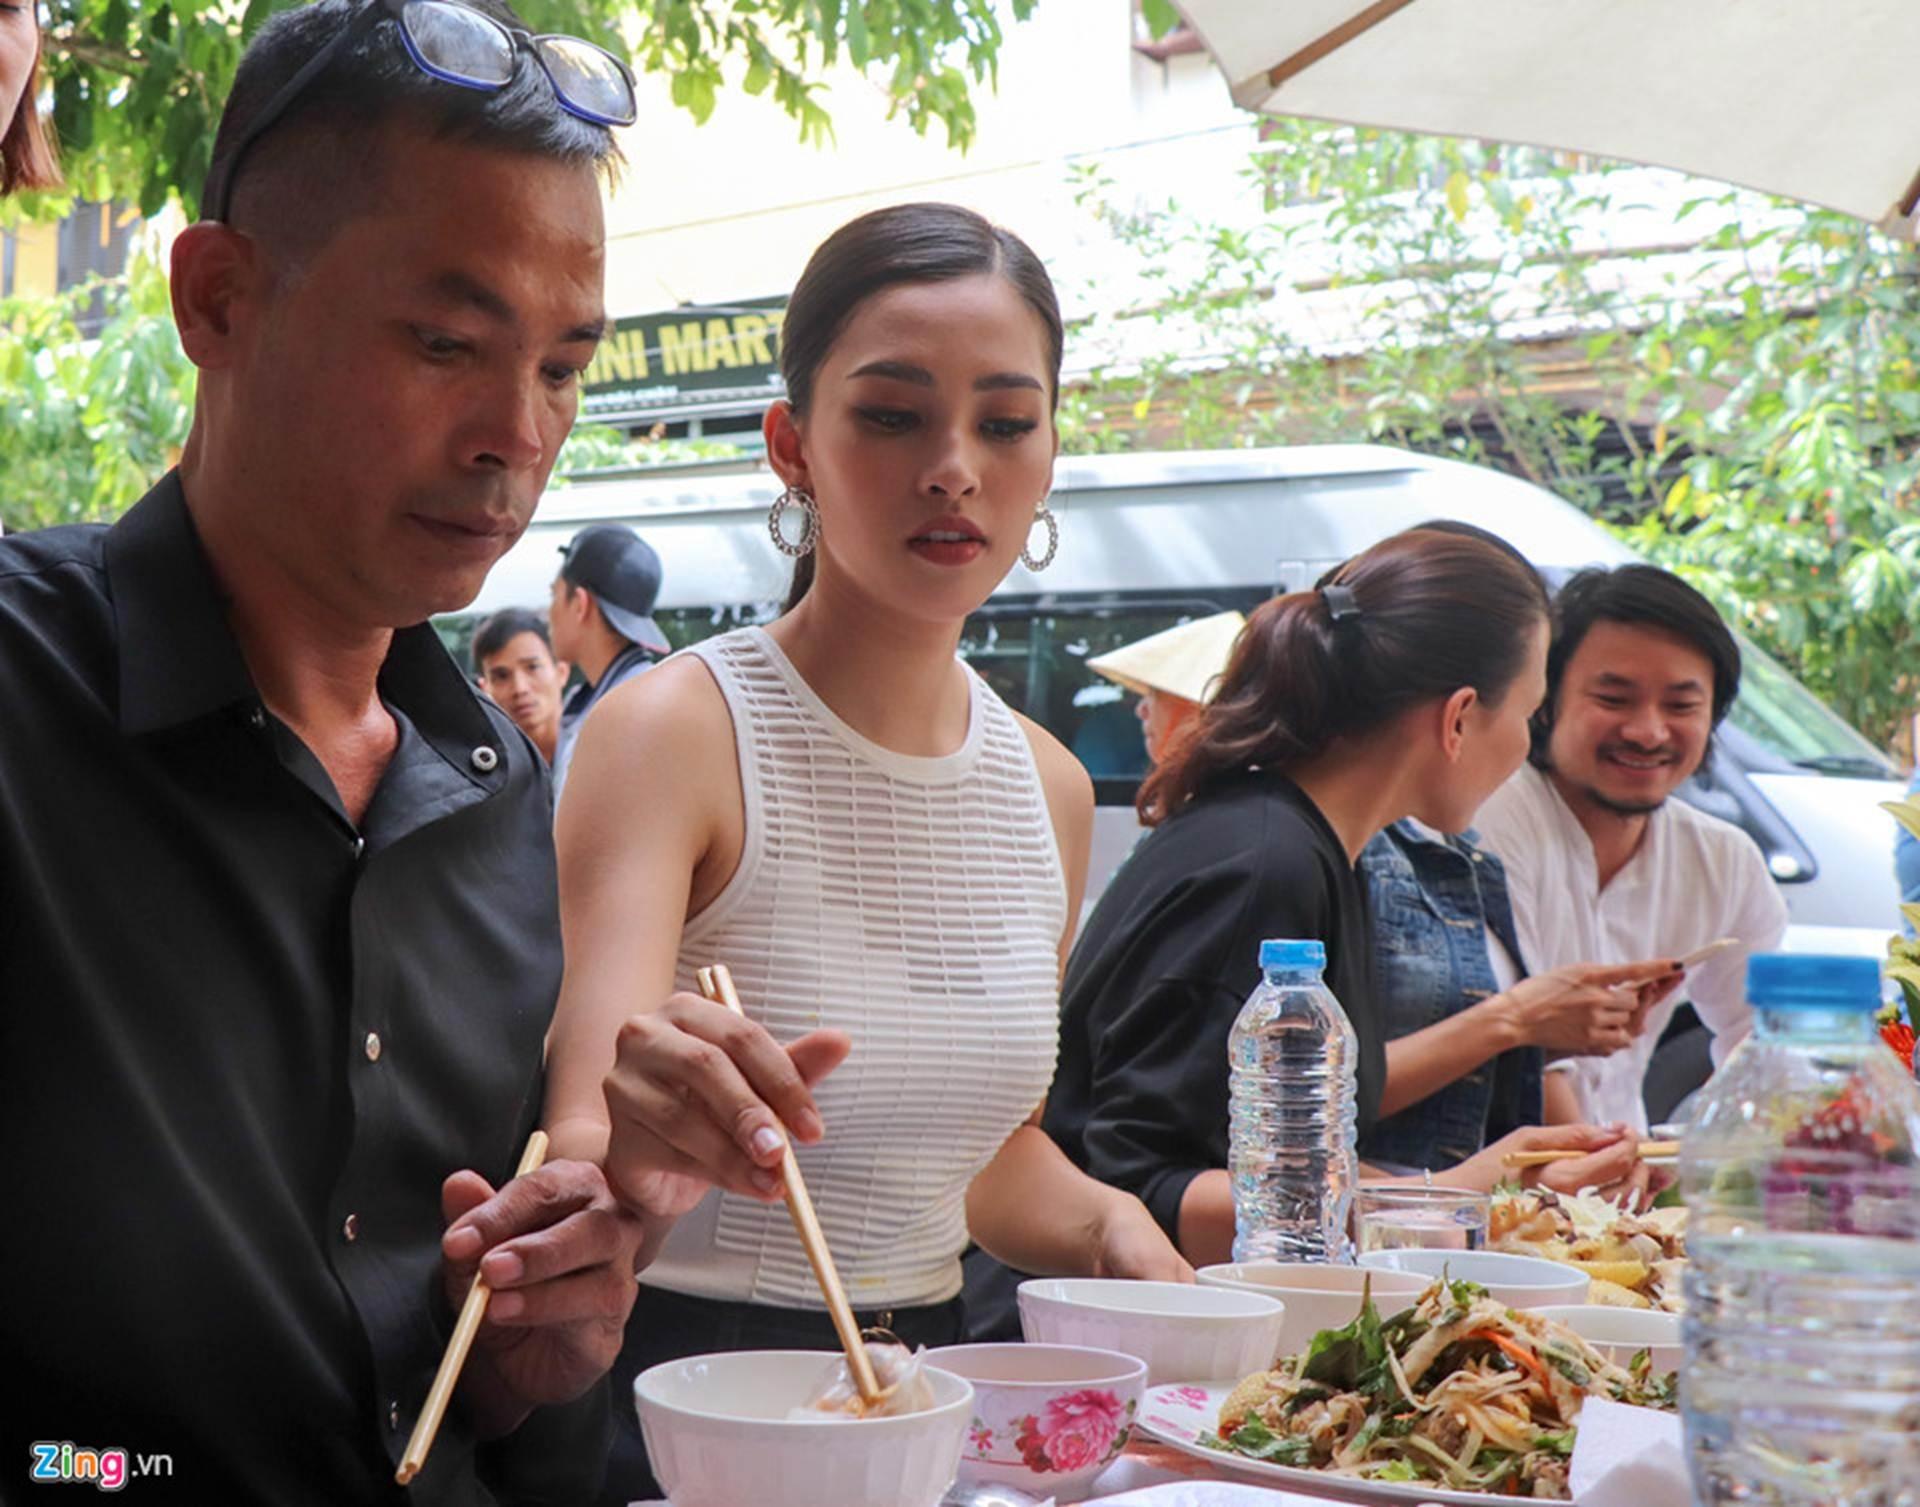 Gia đình đãi tiệc mừng đón Hoa hậu Trần Tiểu Vy ở phố cổ Hội An-6